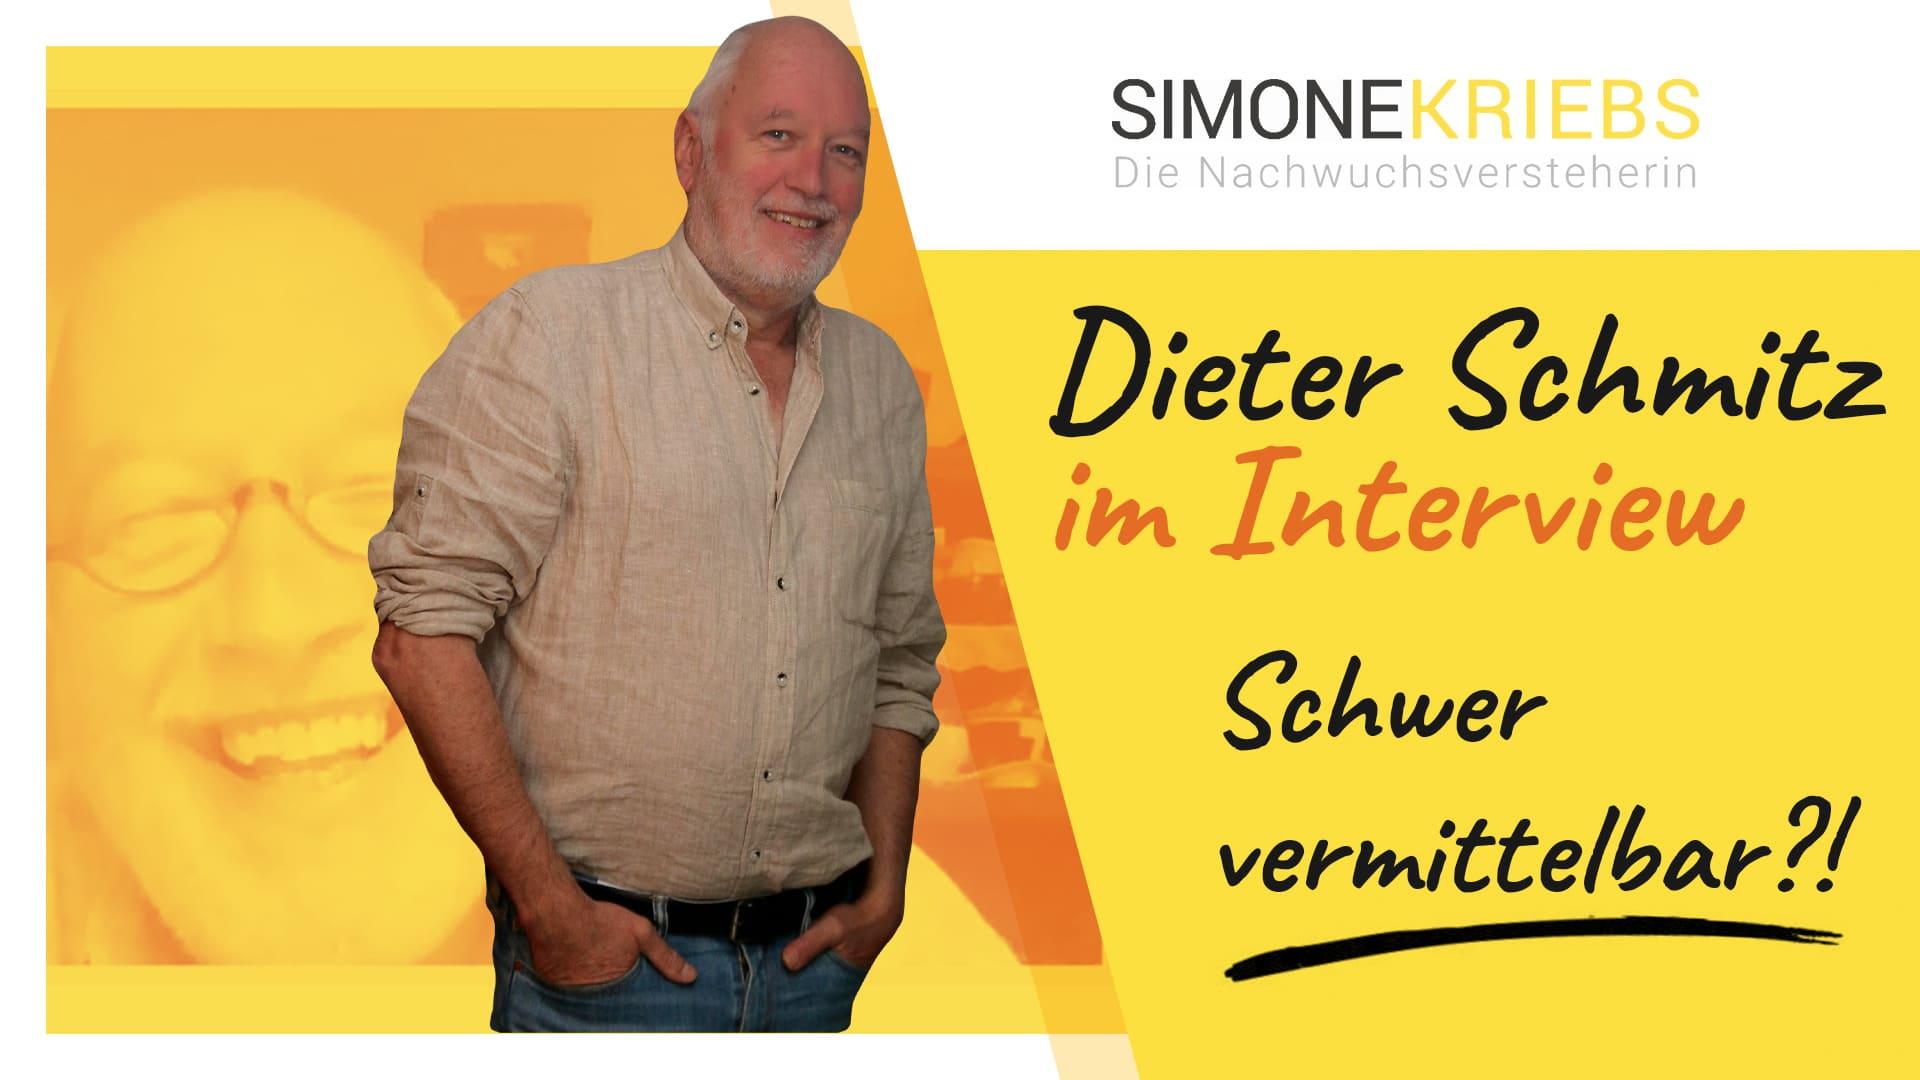 Dieter Schmitz im Bildungsspirit-Interview: Schwer vermittelbar?! – Marktferne Jugendliche